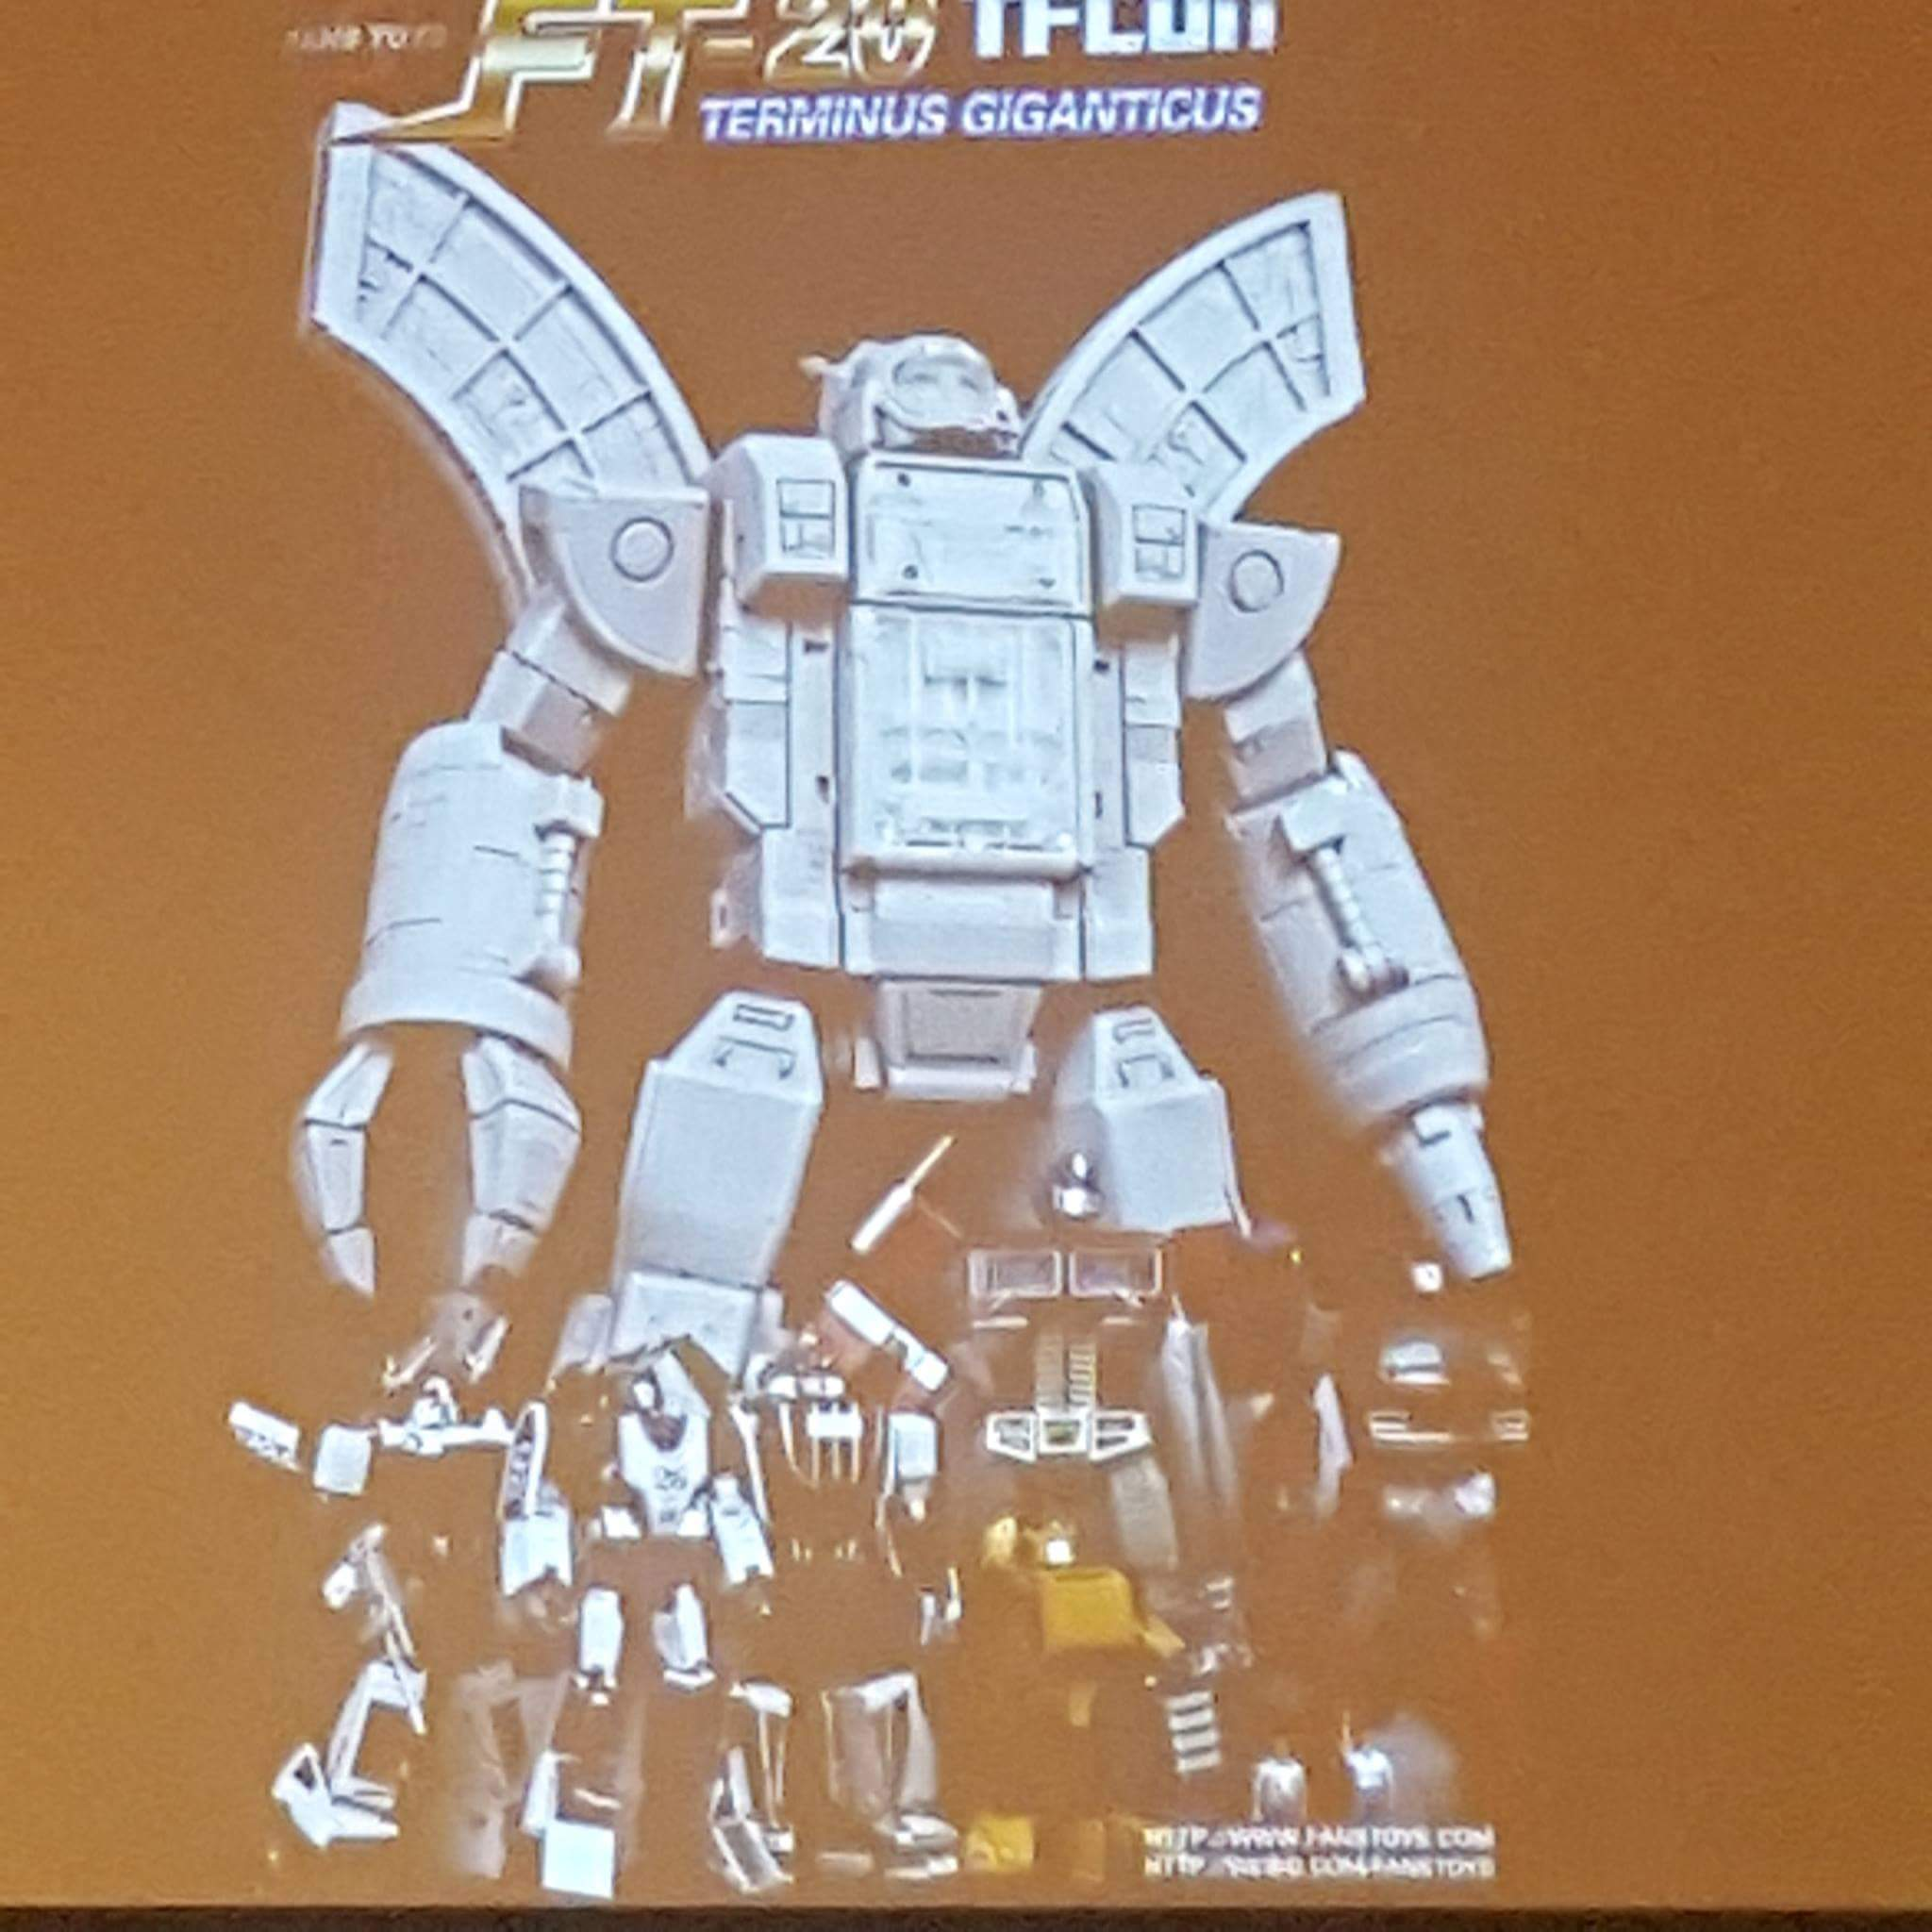 [Fanstoys] Produit Tiers - Jouets FT-20 et FT-20G Terminus Giganticus - aka Oméga Suprême et Omega Sentinel (Gardien de Cybertron) Y8EyRwIE